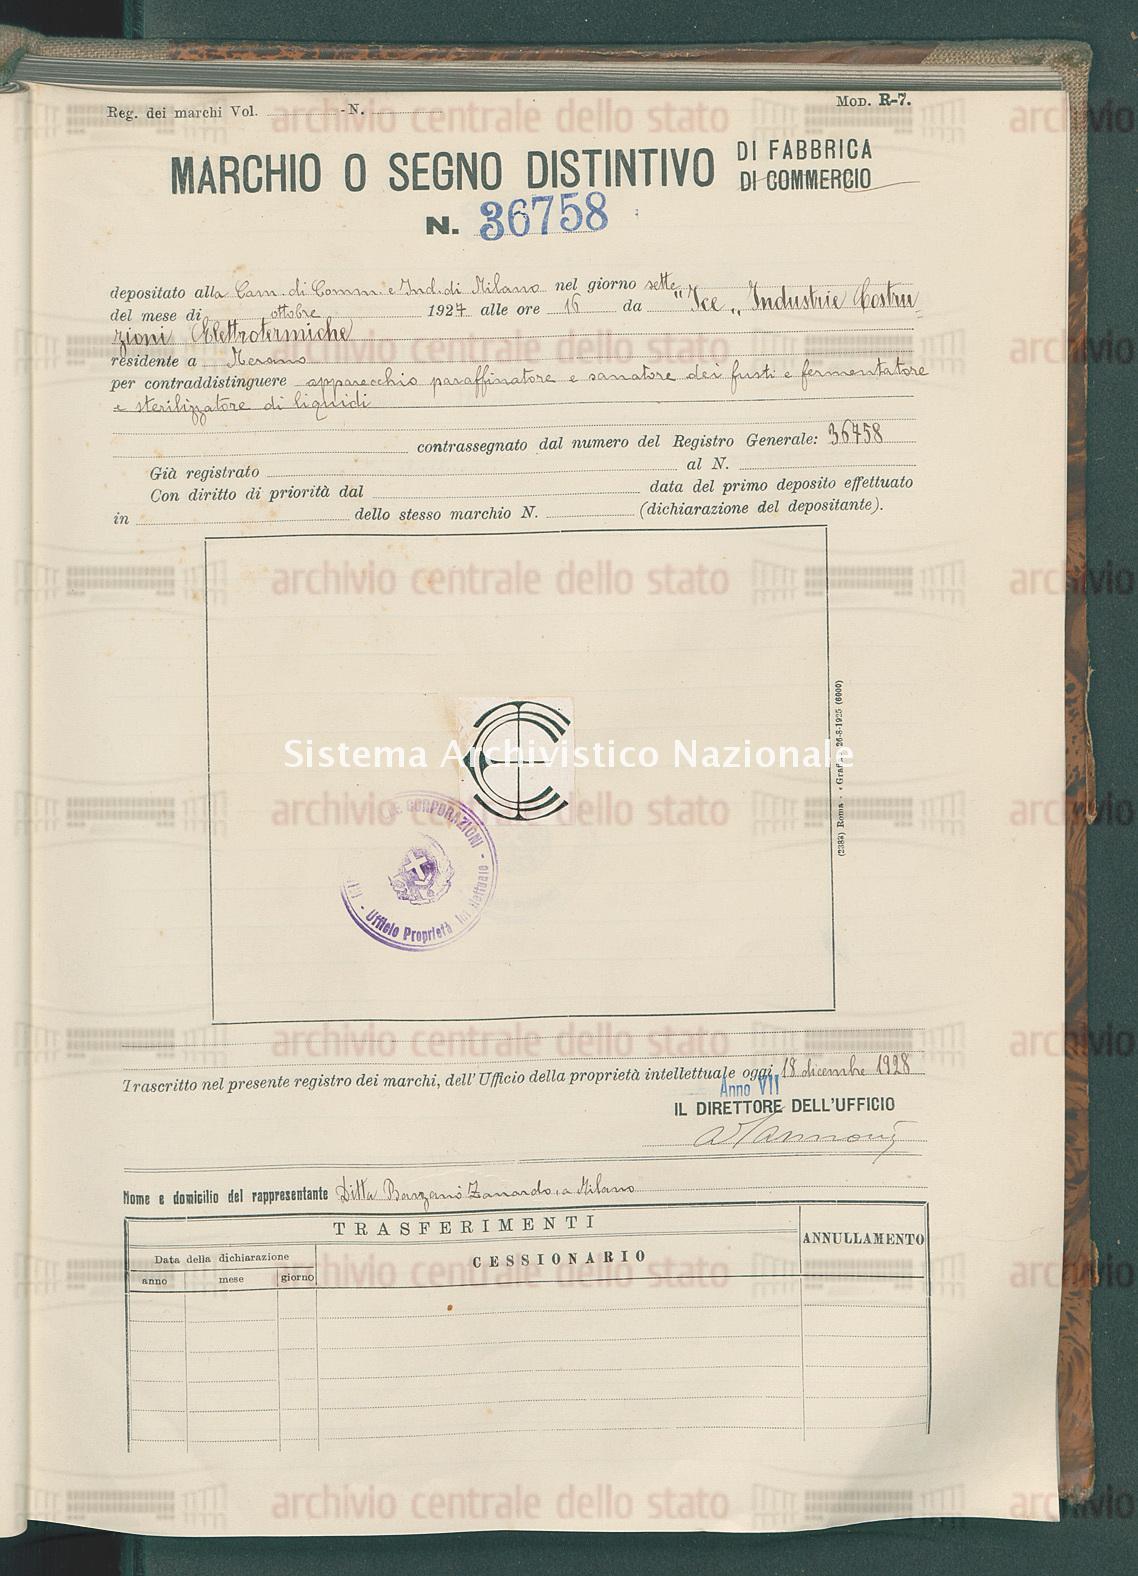 Apparecchio paraffinatore e sorratore dei fusti ecc. 'Ice' Industrie Costruzioni Elettrotermiche (18/12/1928)